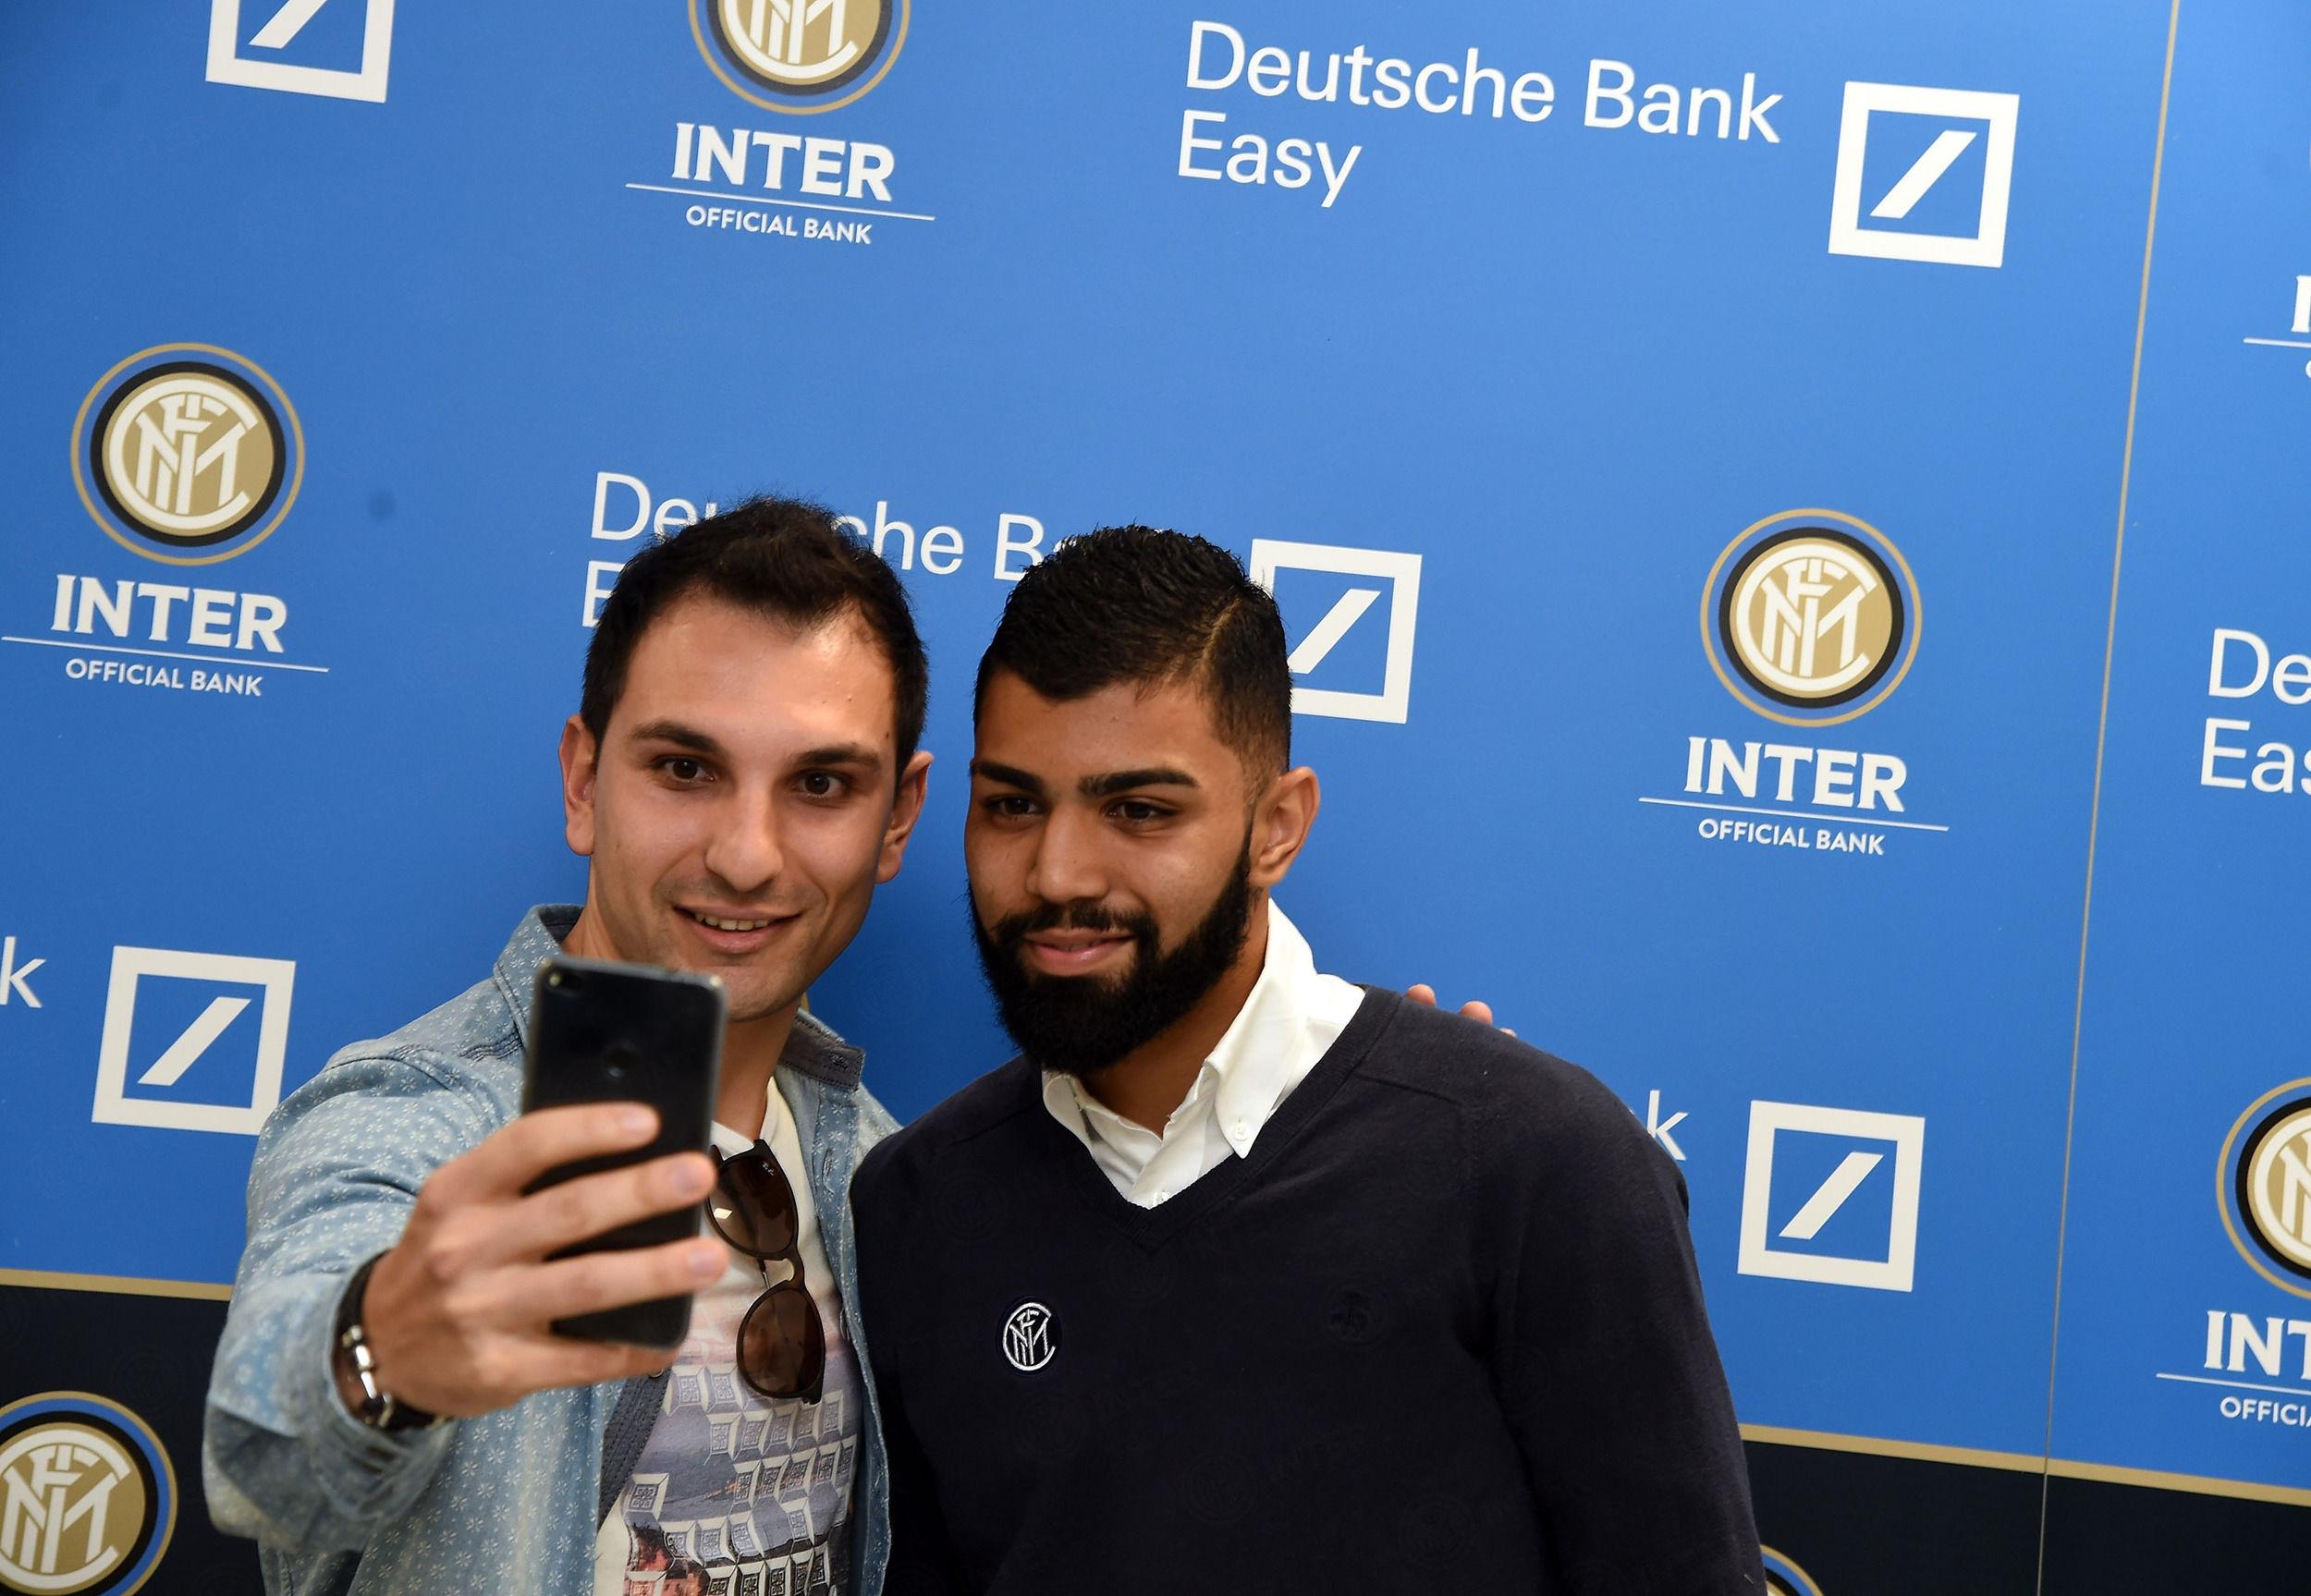 Gabriel Barbosa all'inaugurazione del nuovo punto vendita Deutsche Bank Easy